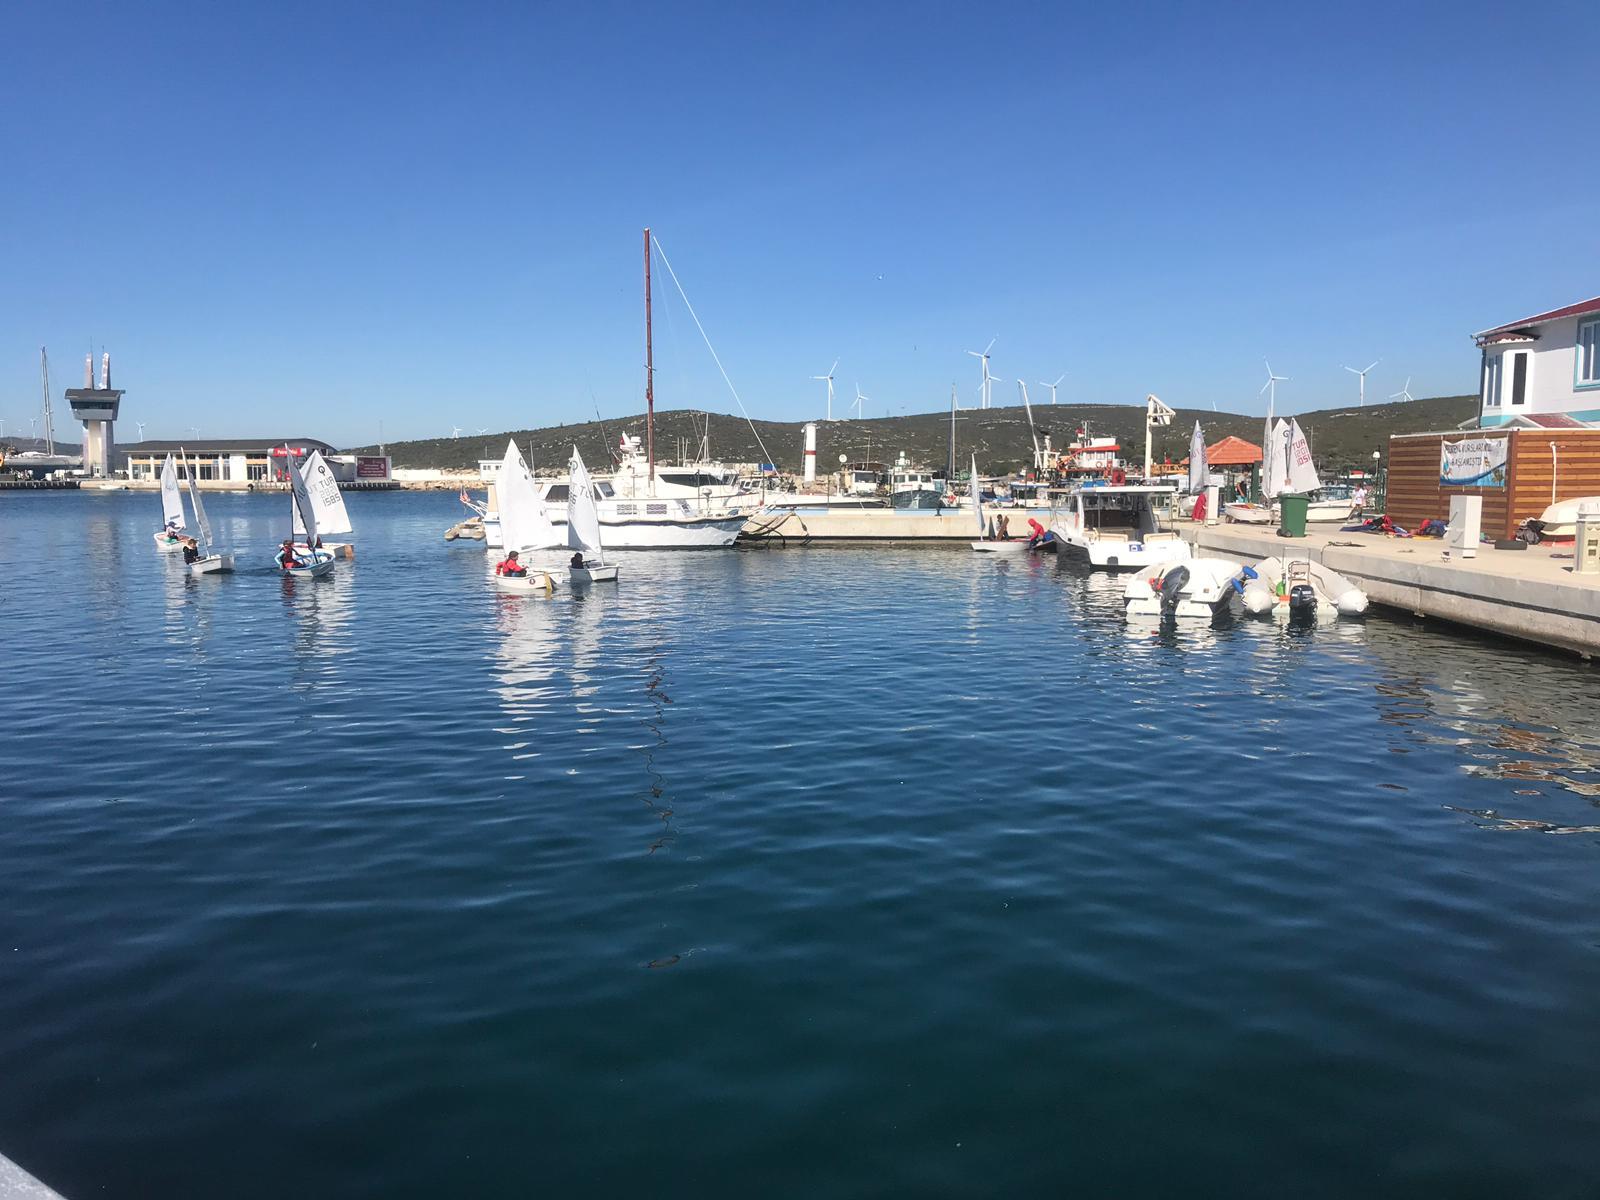 Teos Marina'da Teos Yat ve Yelken Kulübü Kuruldu